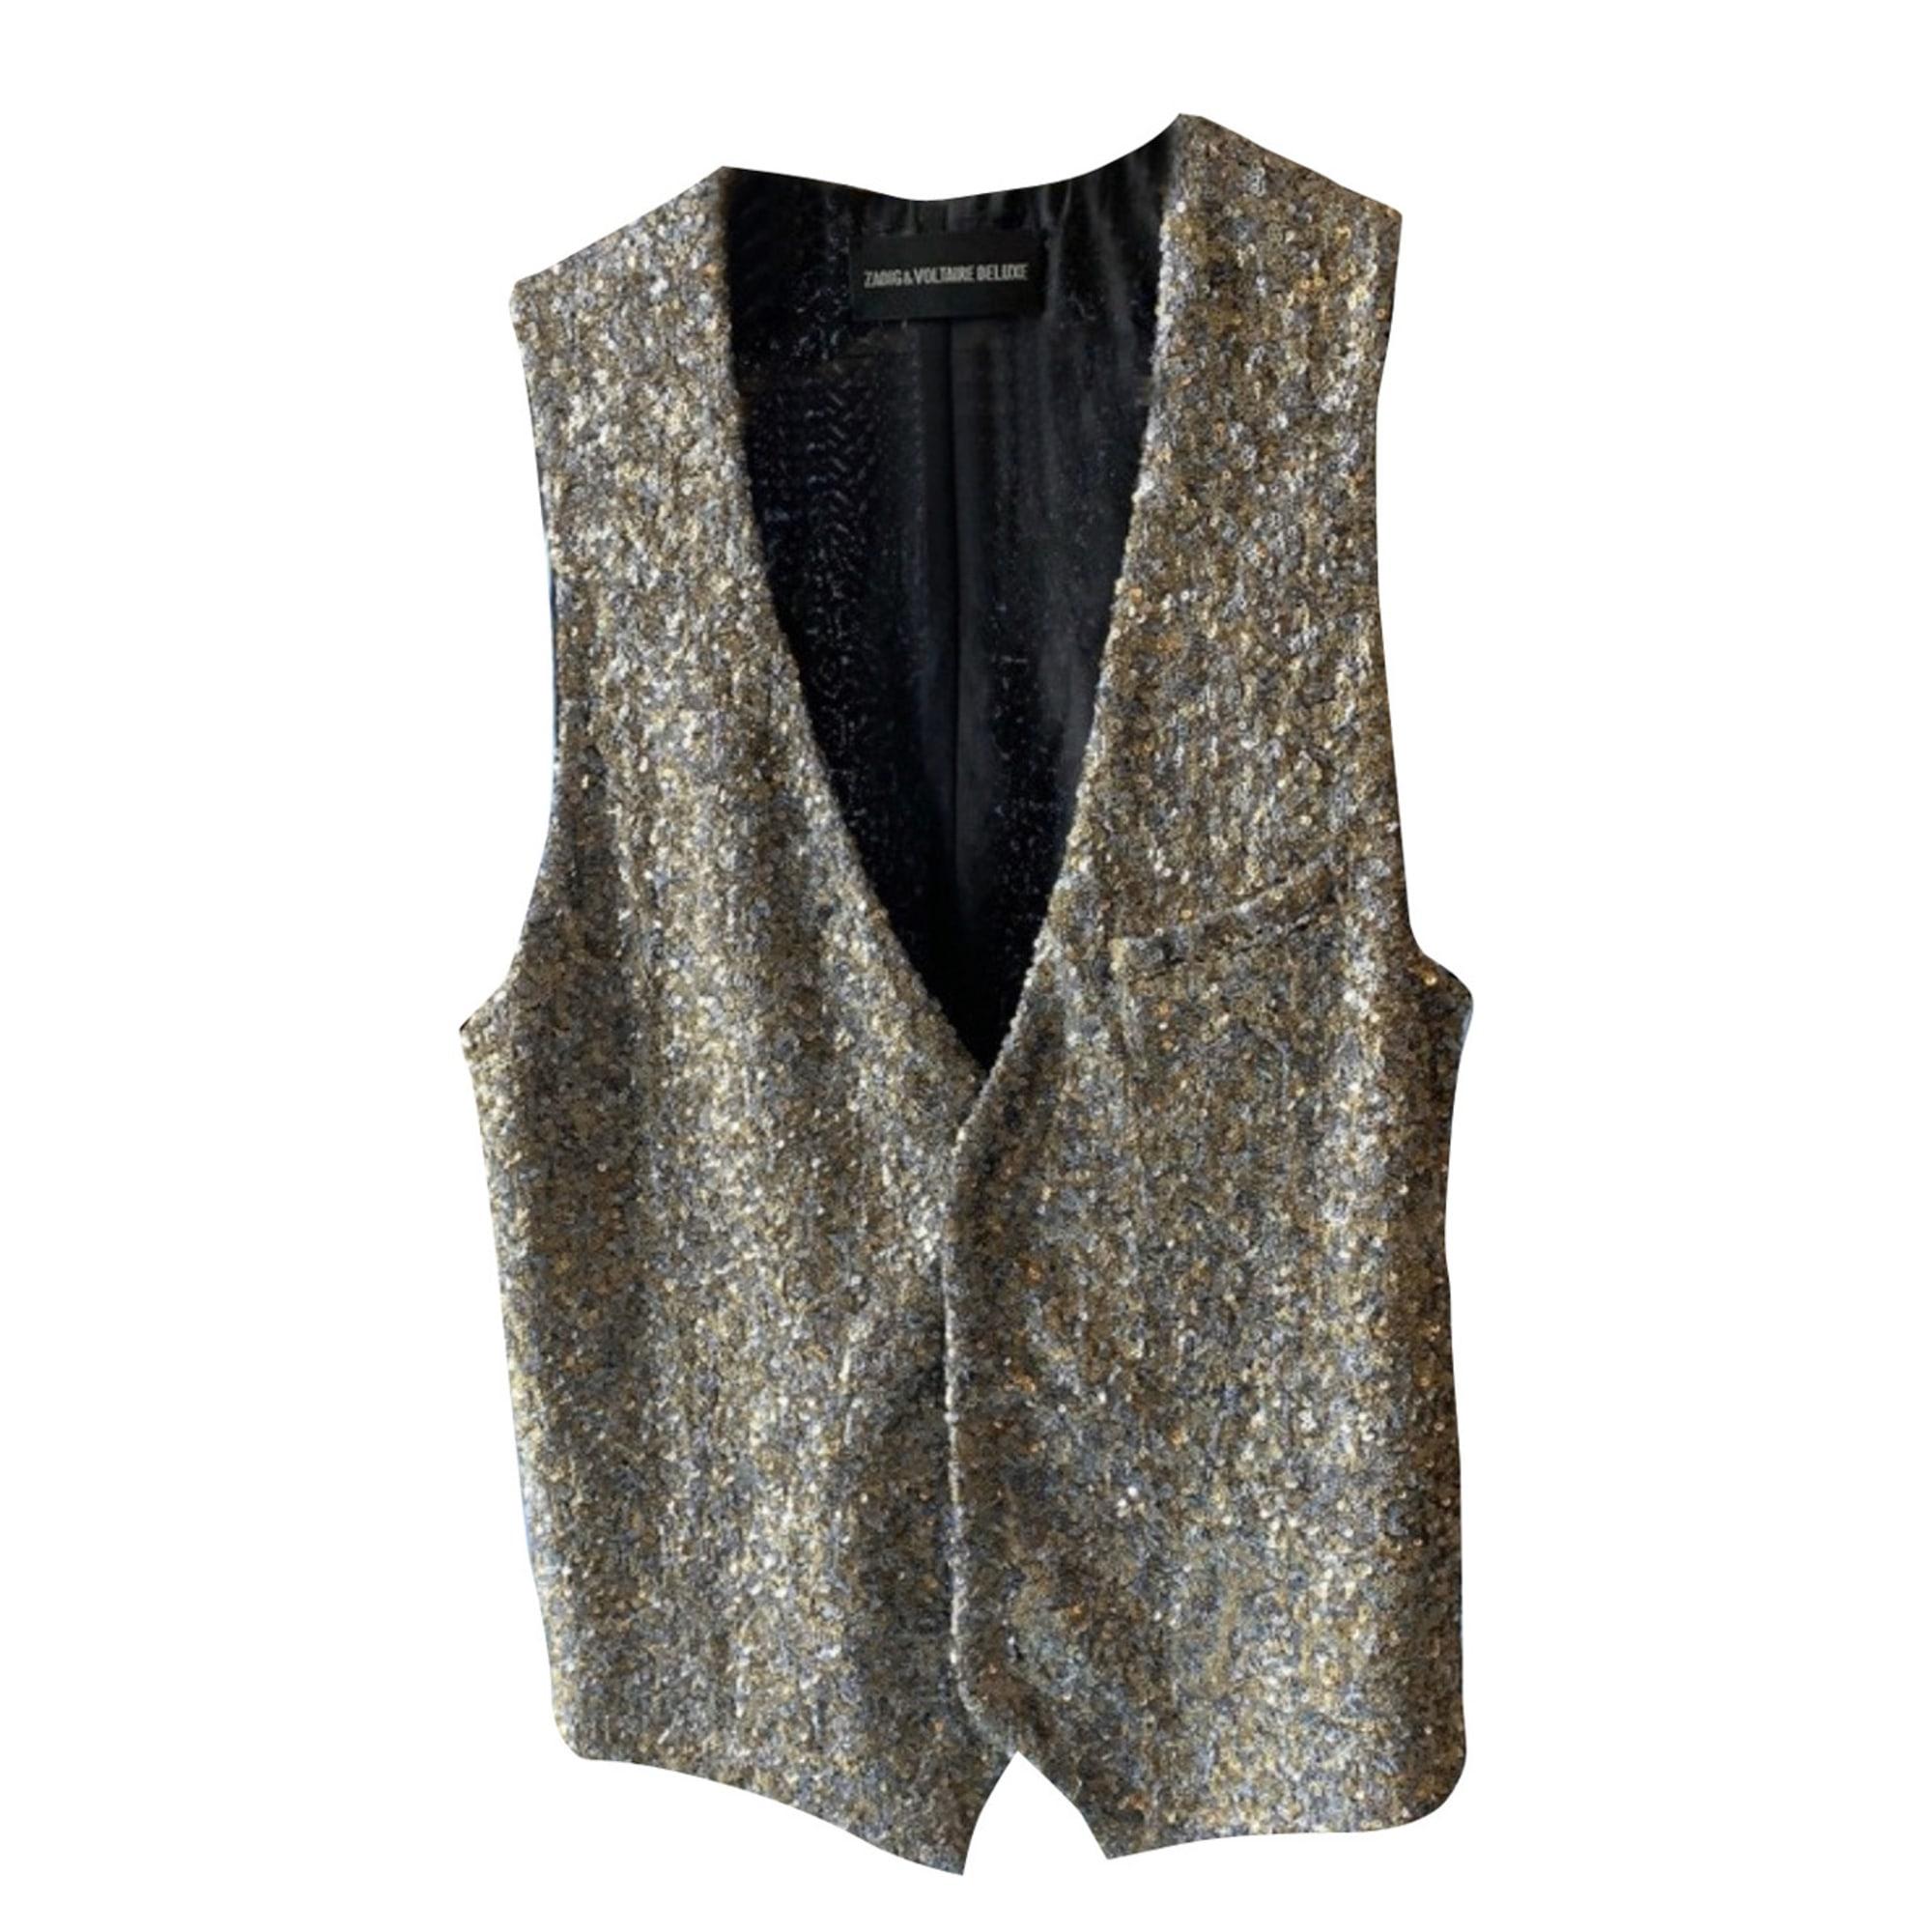 Jacket ZADIG & VOLTAIRE Golden, bronze, copper